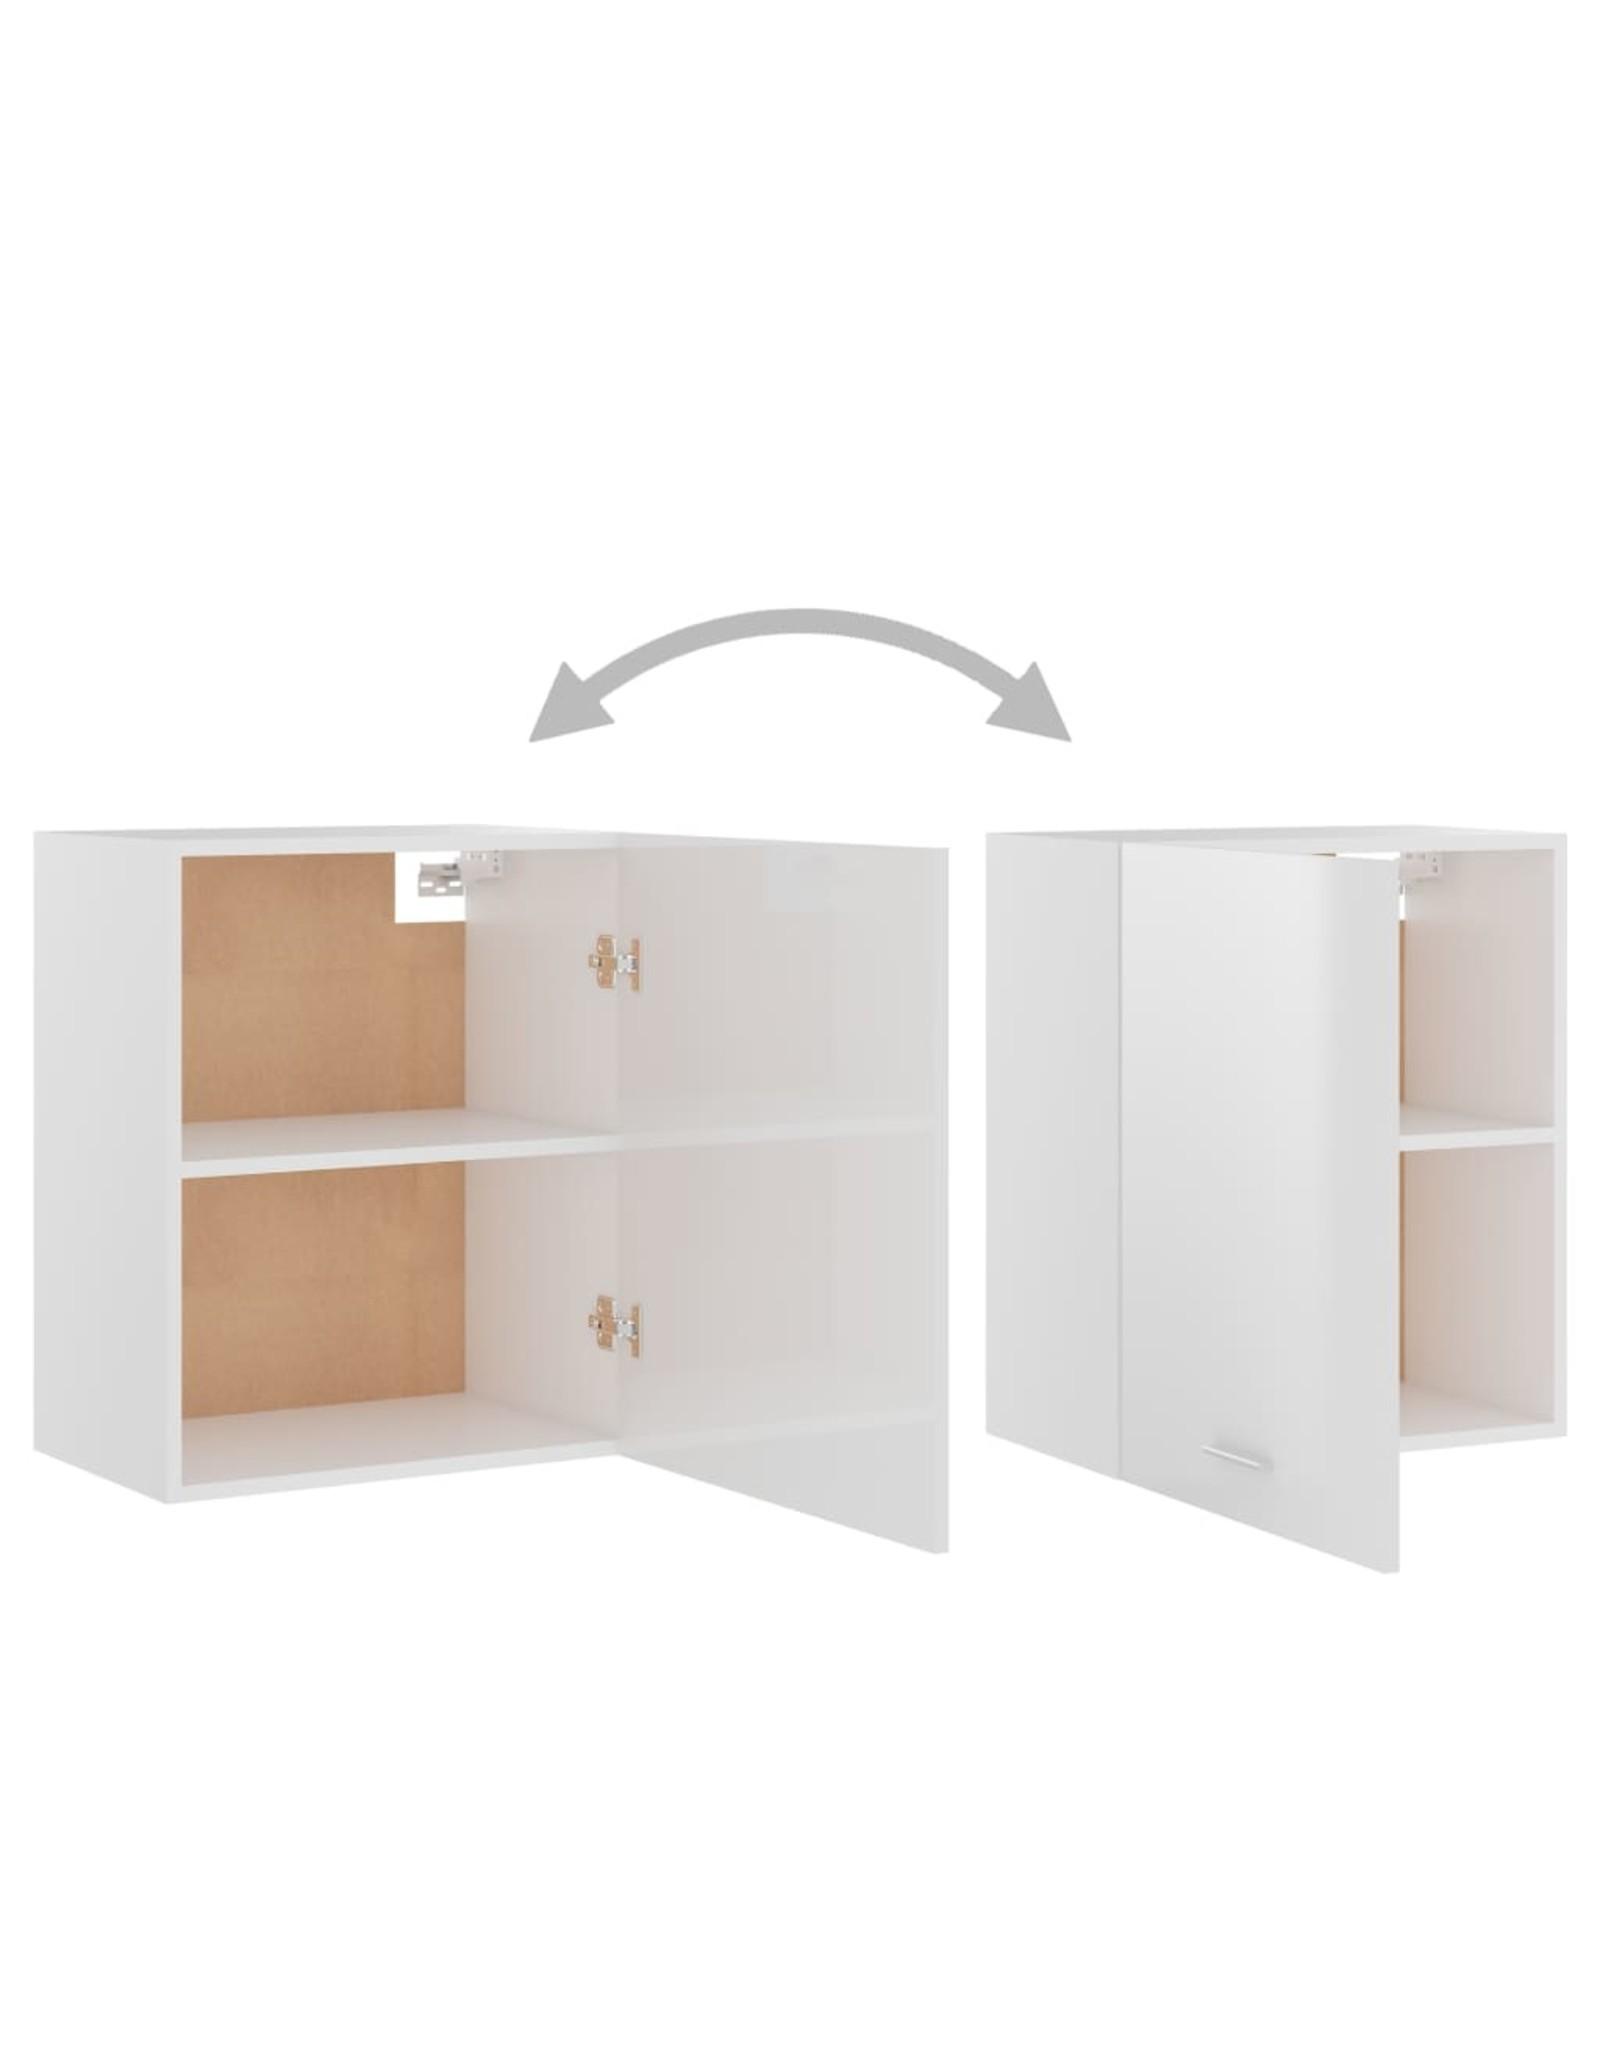 Hangkast 50x31x60 cm spaanplaat hoogglans wit